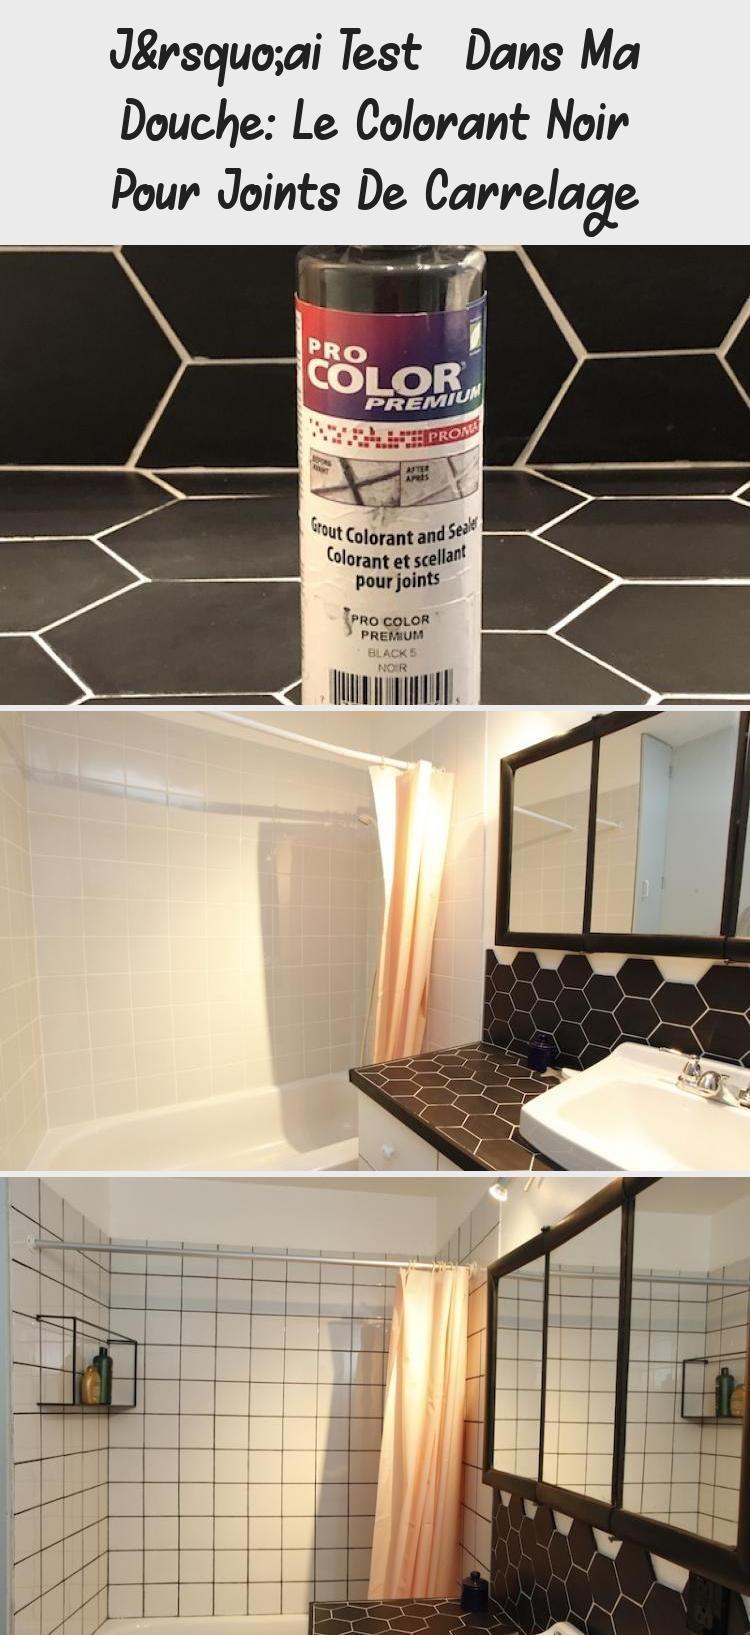 J Ai Teste Dans Ma Douche Le Colorant Noir Pour Joints De Carrelage In 2020 Diy Decor Diy Videos Home Decor